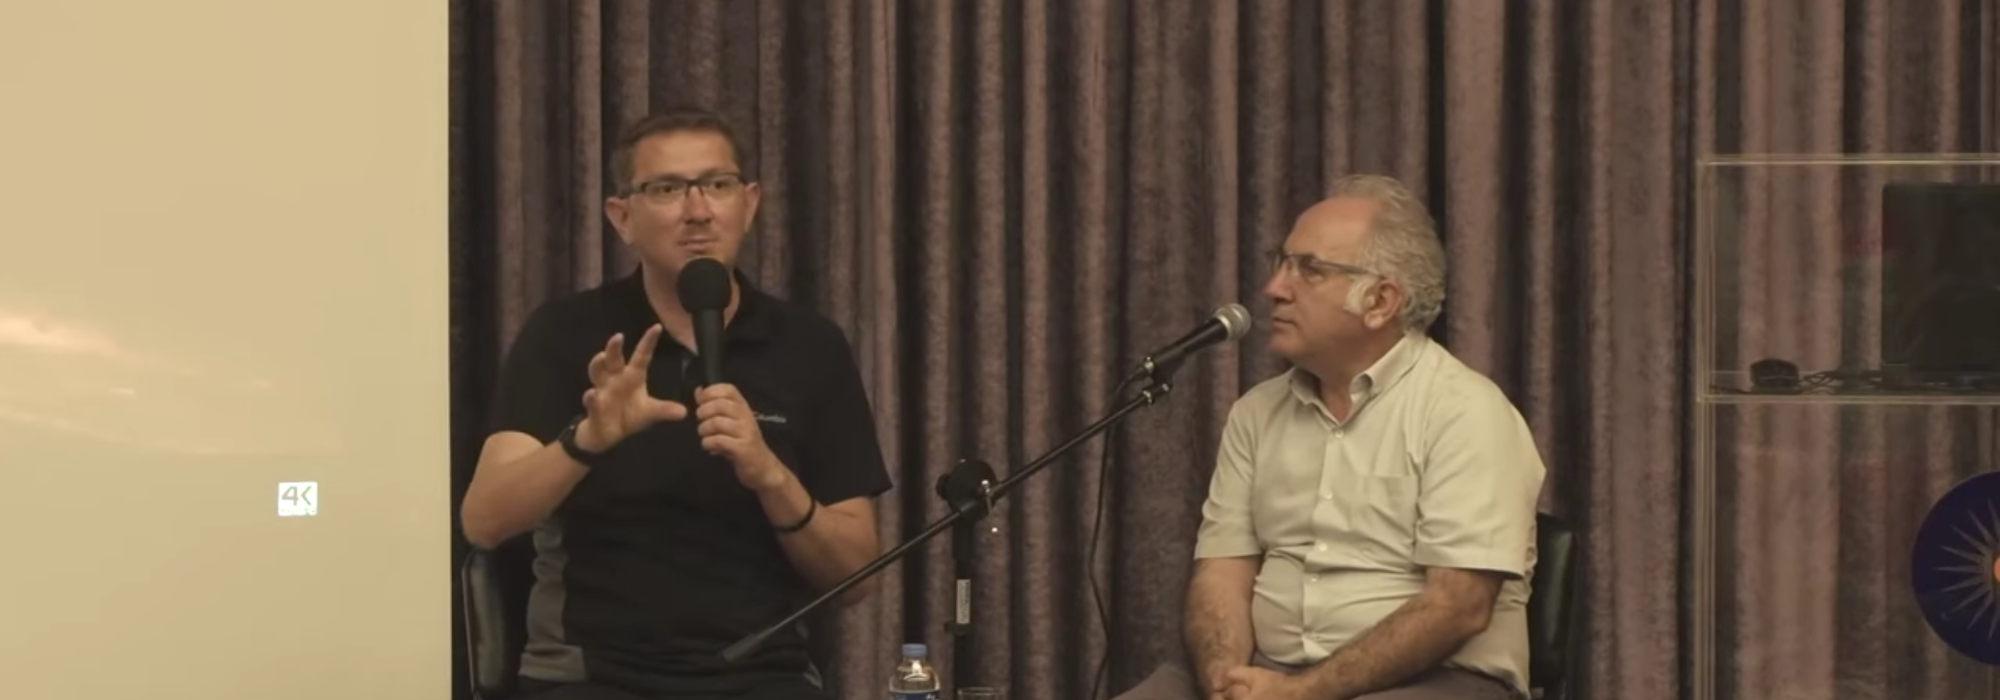 Umut Yildiz & Memduh Sami Taner | Antalya Söyleşisi